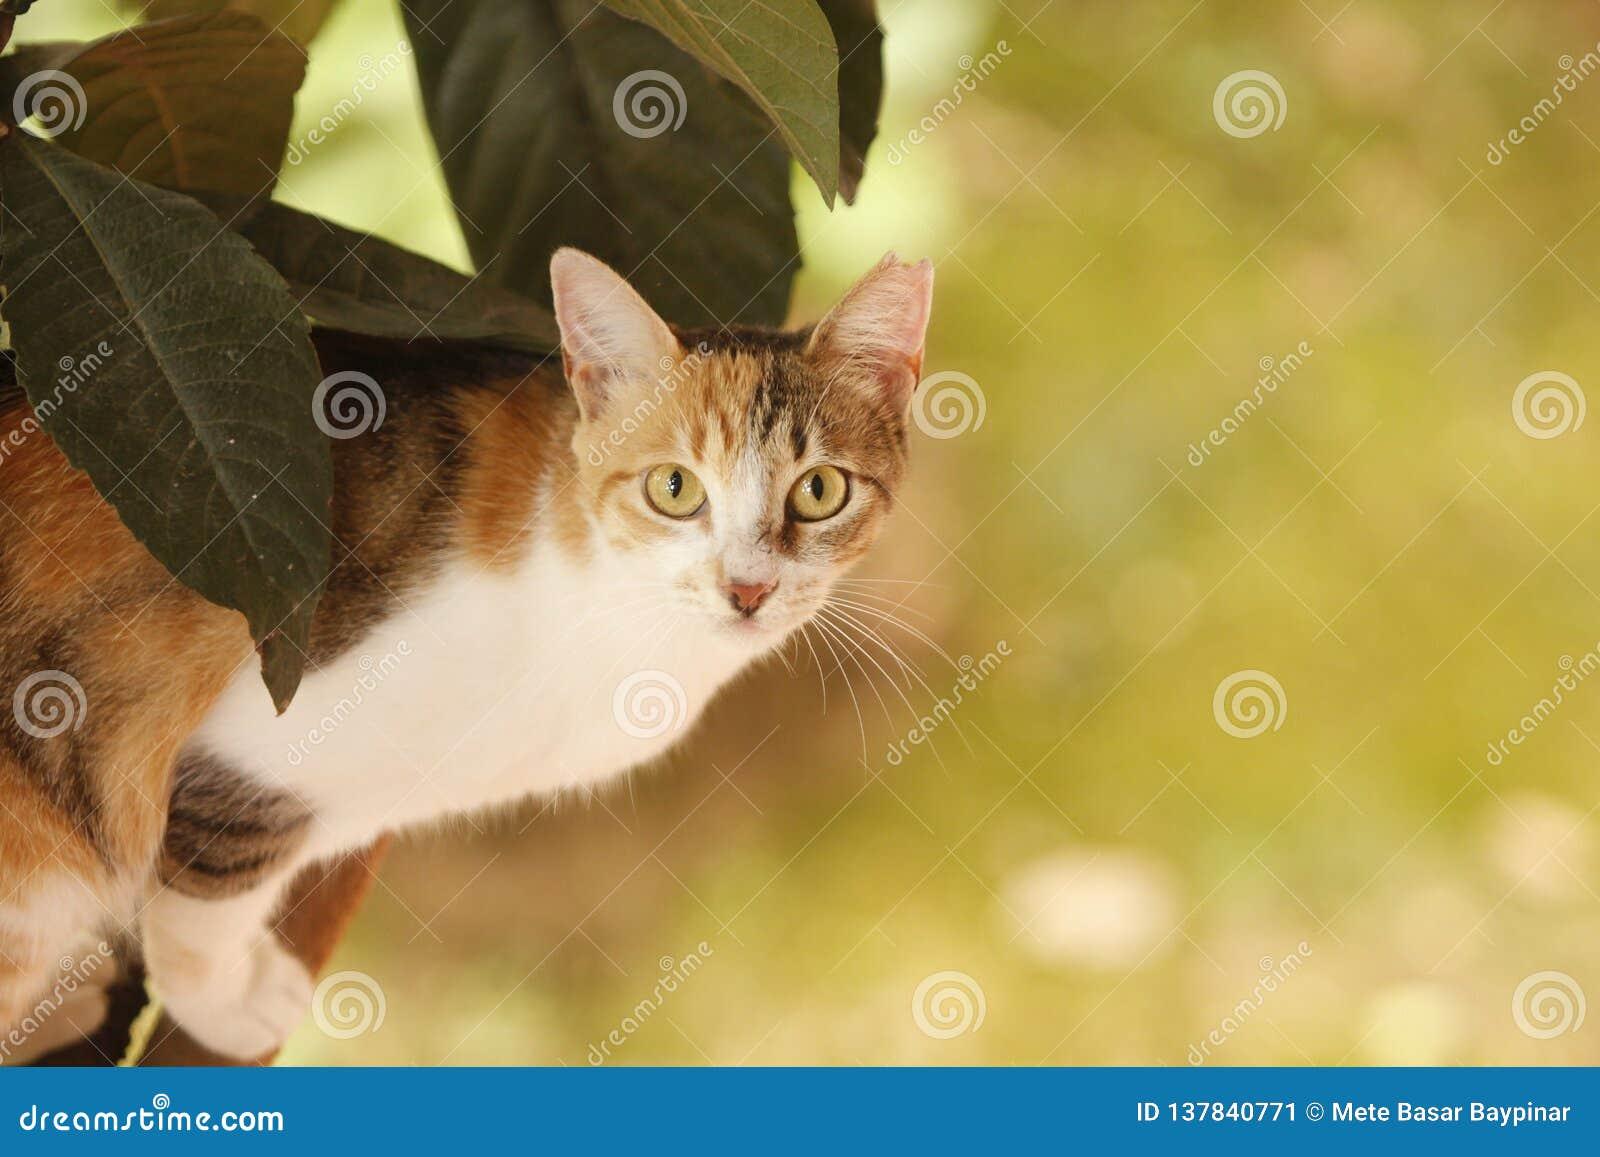 Η περιπλανώμενη γάτα tricolor με την κοντά γούνα και το α κοιτάζει επίμονα